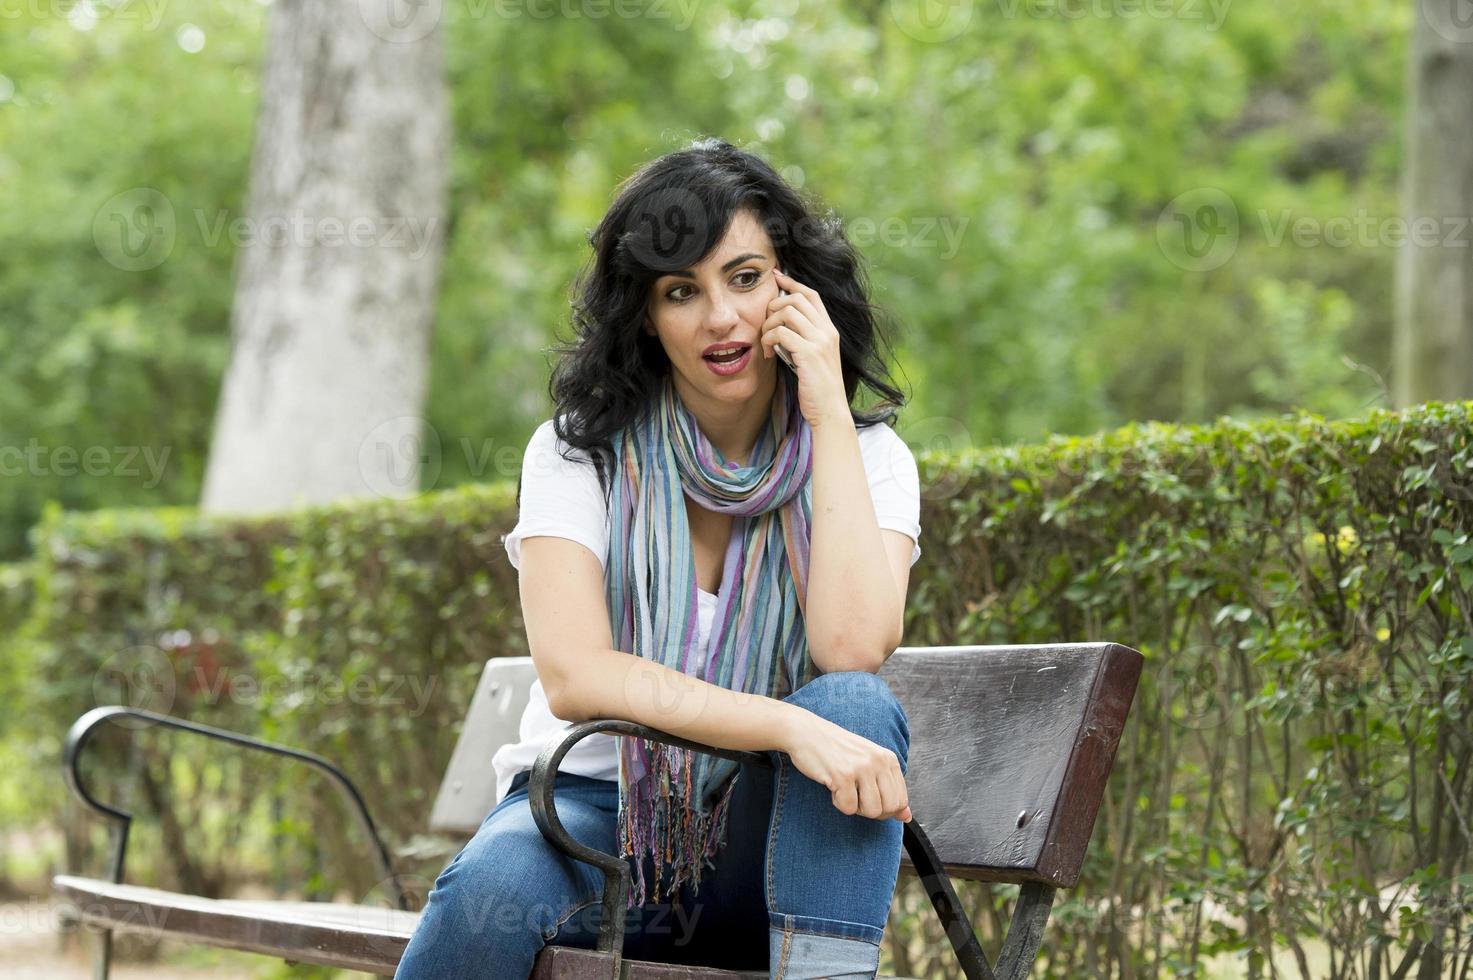 feliz mulher latina atraente vestindo roupas casuais, sentado em um banco de parque mensagens de texto e falando em seu telefone móvel inteligente em um parque verdejante ou prados foto